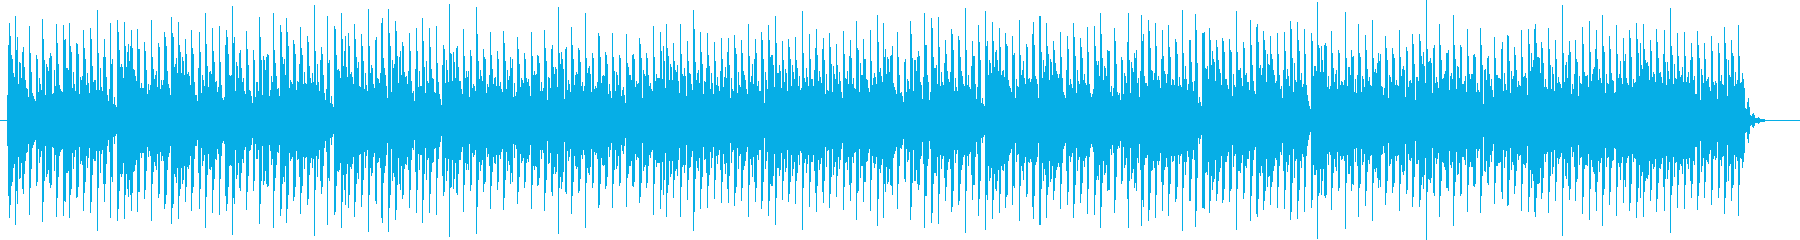 爽快でおしゃれなシンセサイザーテクノの再生済みの波形